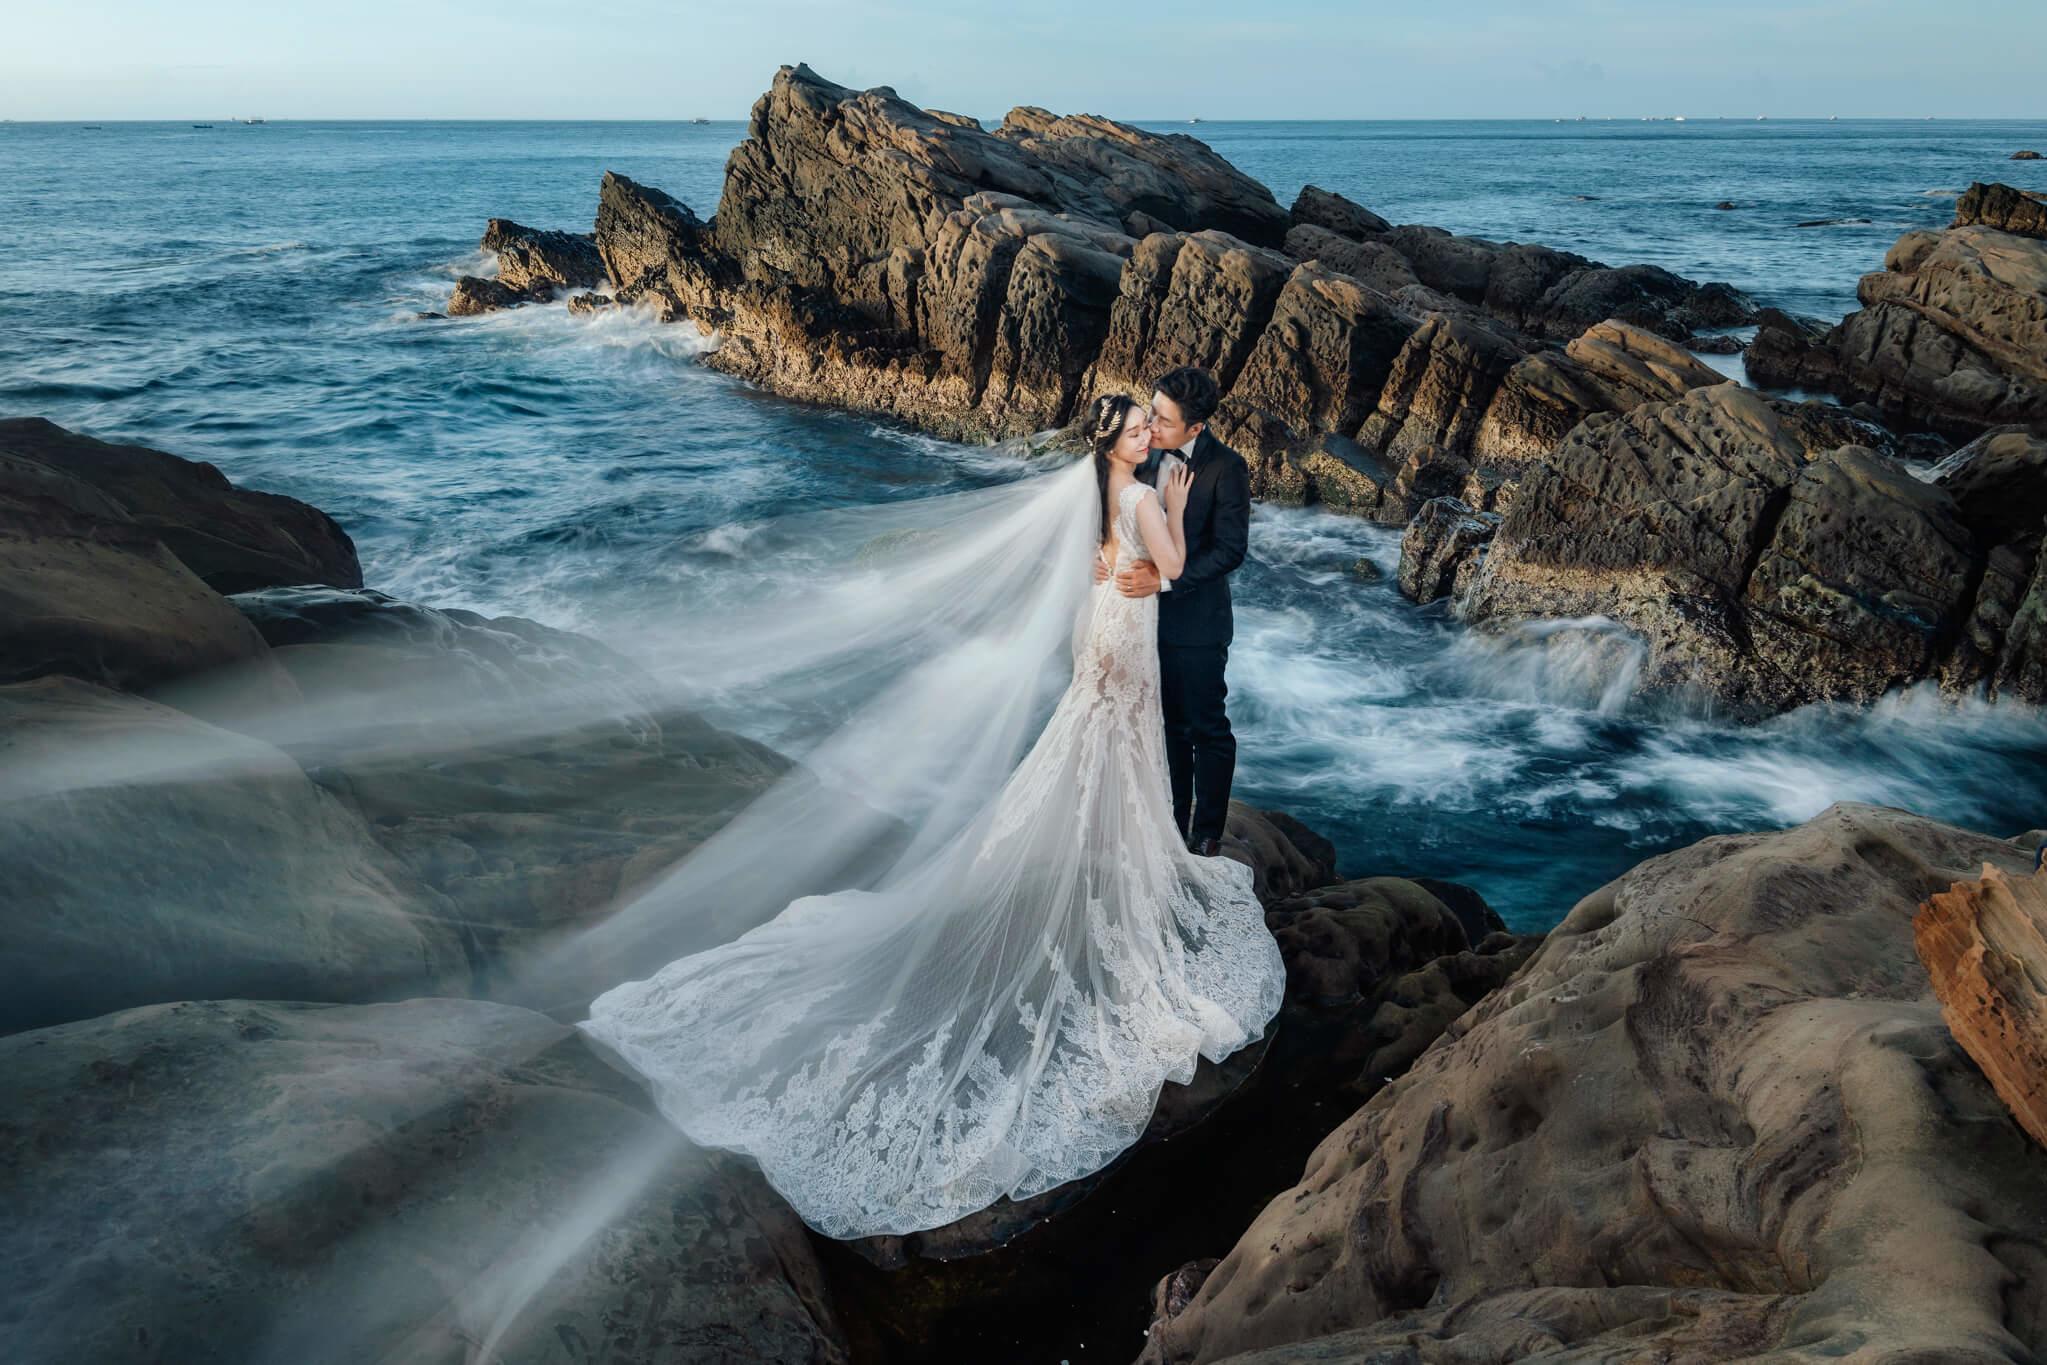 台灣婚紗, 婚紗影像, 東法, Donfer, EW, EASTERN WEDDING, 台北婚紗